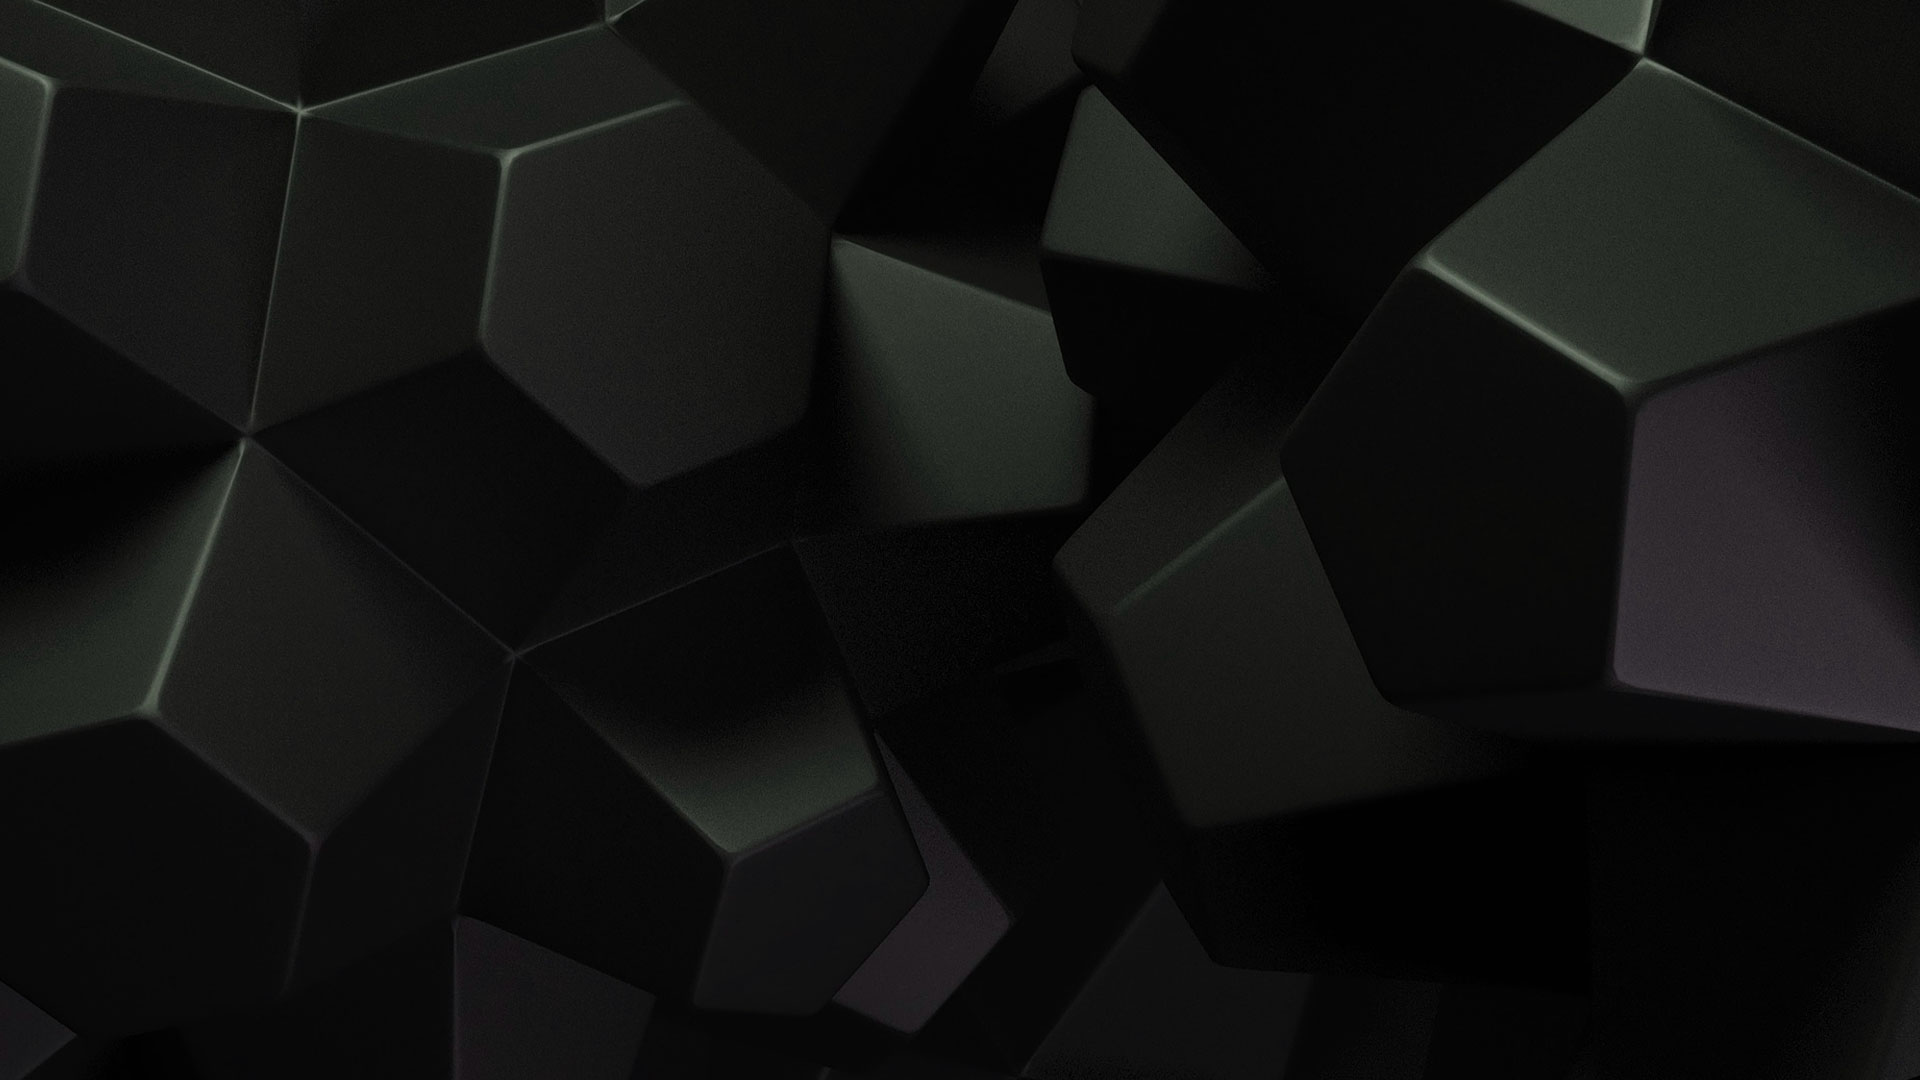 black-3d-background